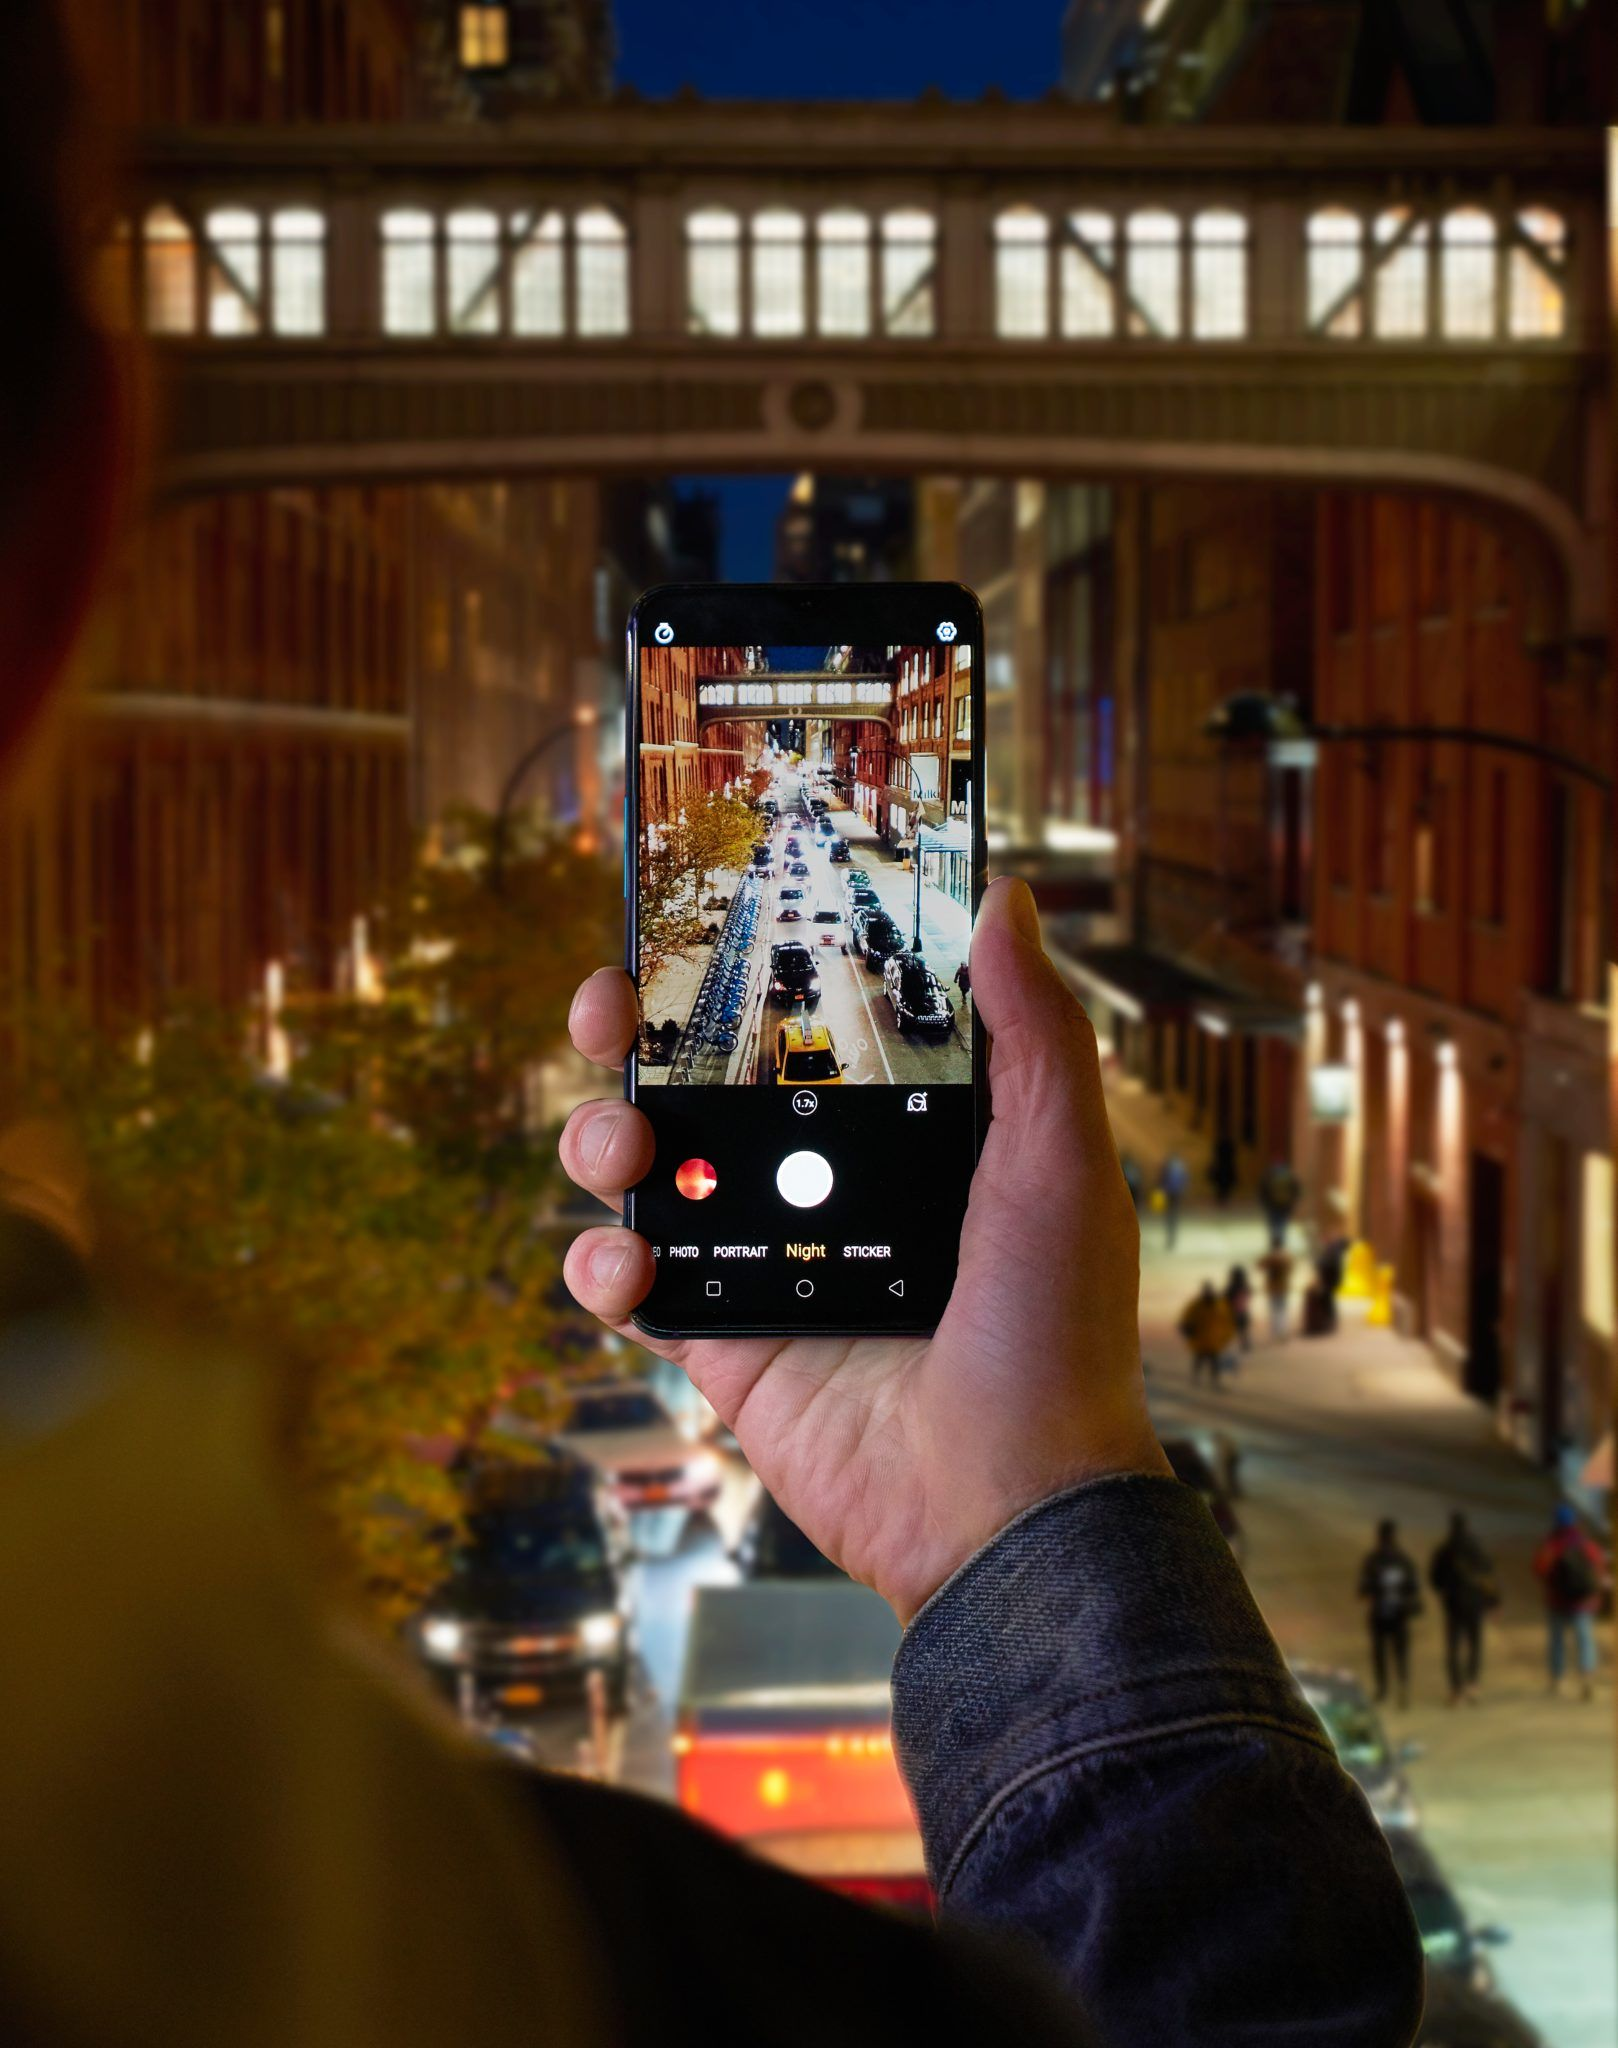 Ręka trzymająca telefon z widokiem miasta nocą w tle